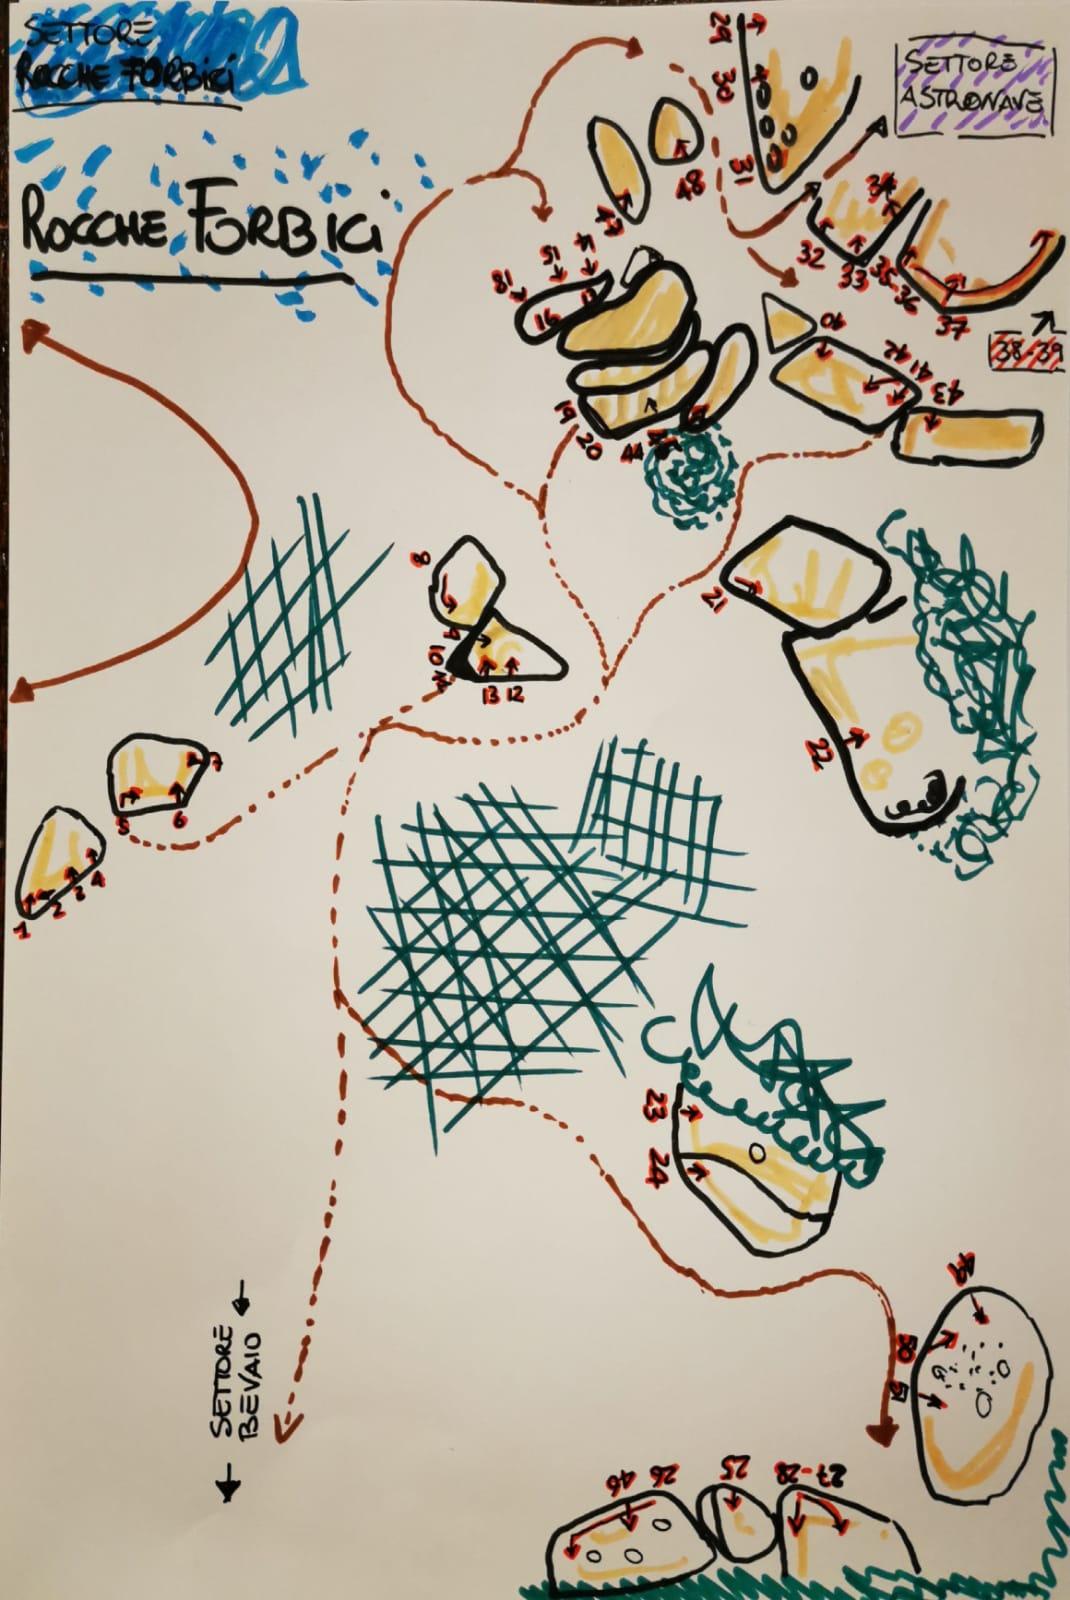 Topografia disegnata a mano dei massi alle Rocche Forbicie